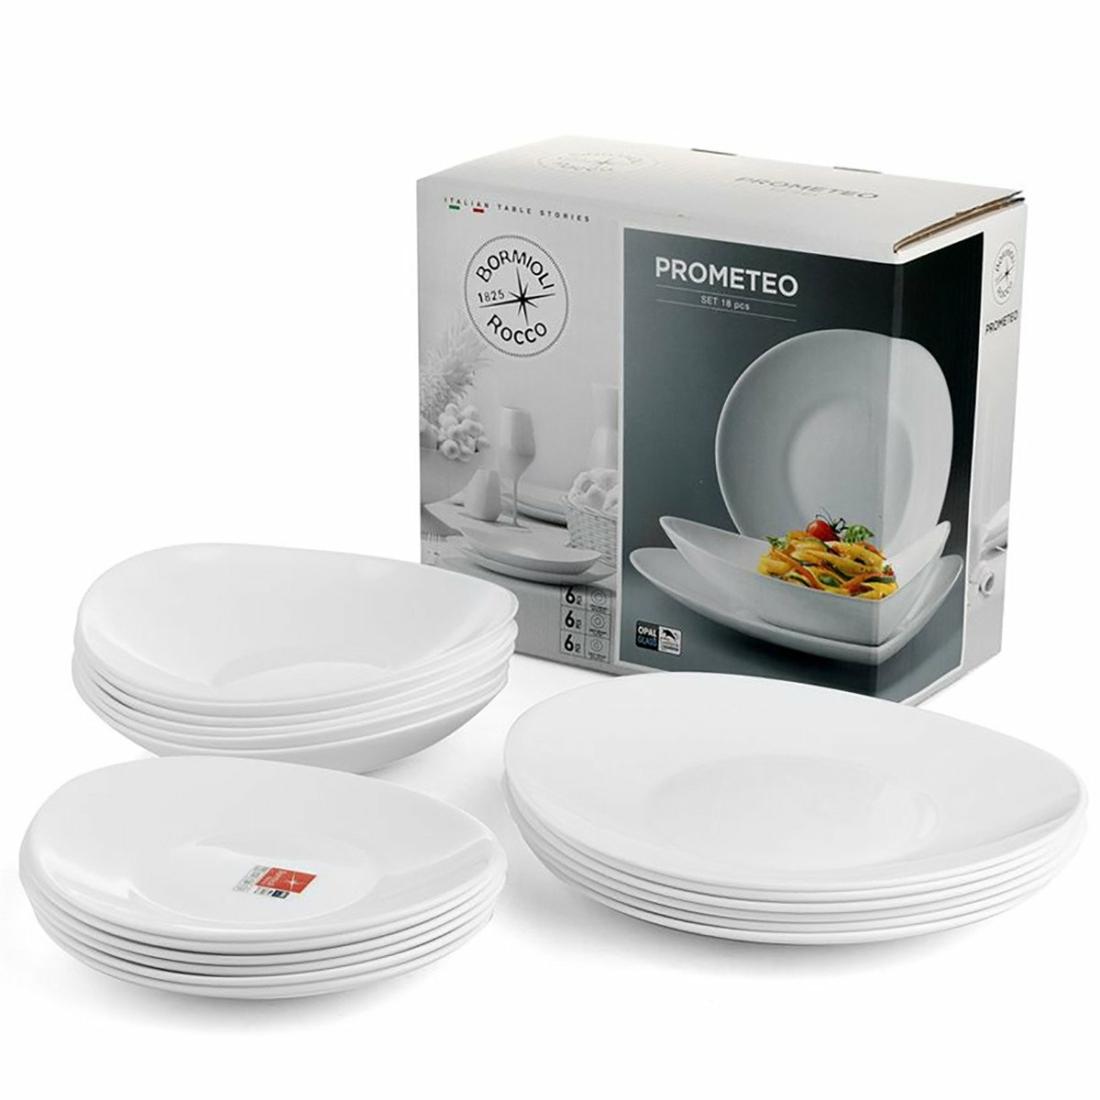 Bormioli Rocco Prometeo 18 részes étkészlet